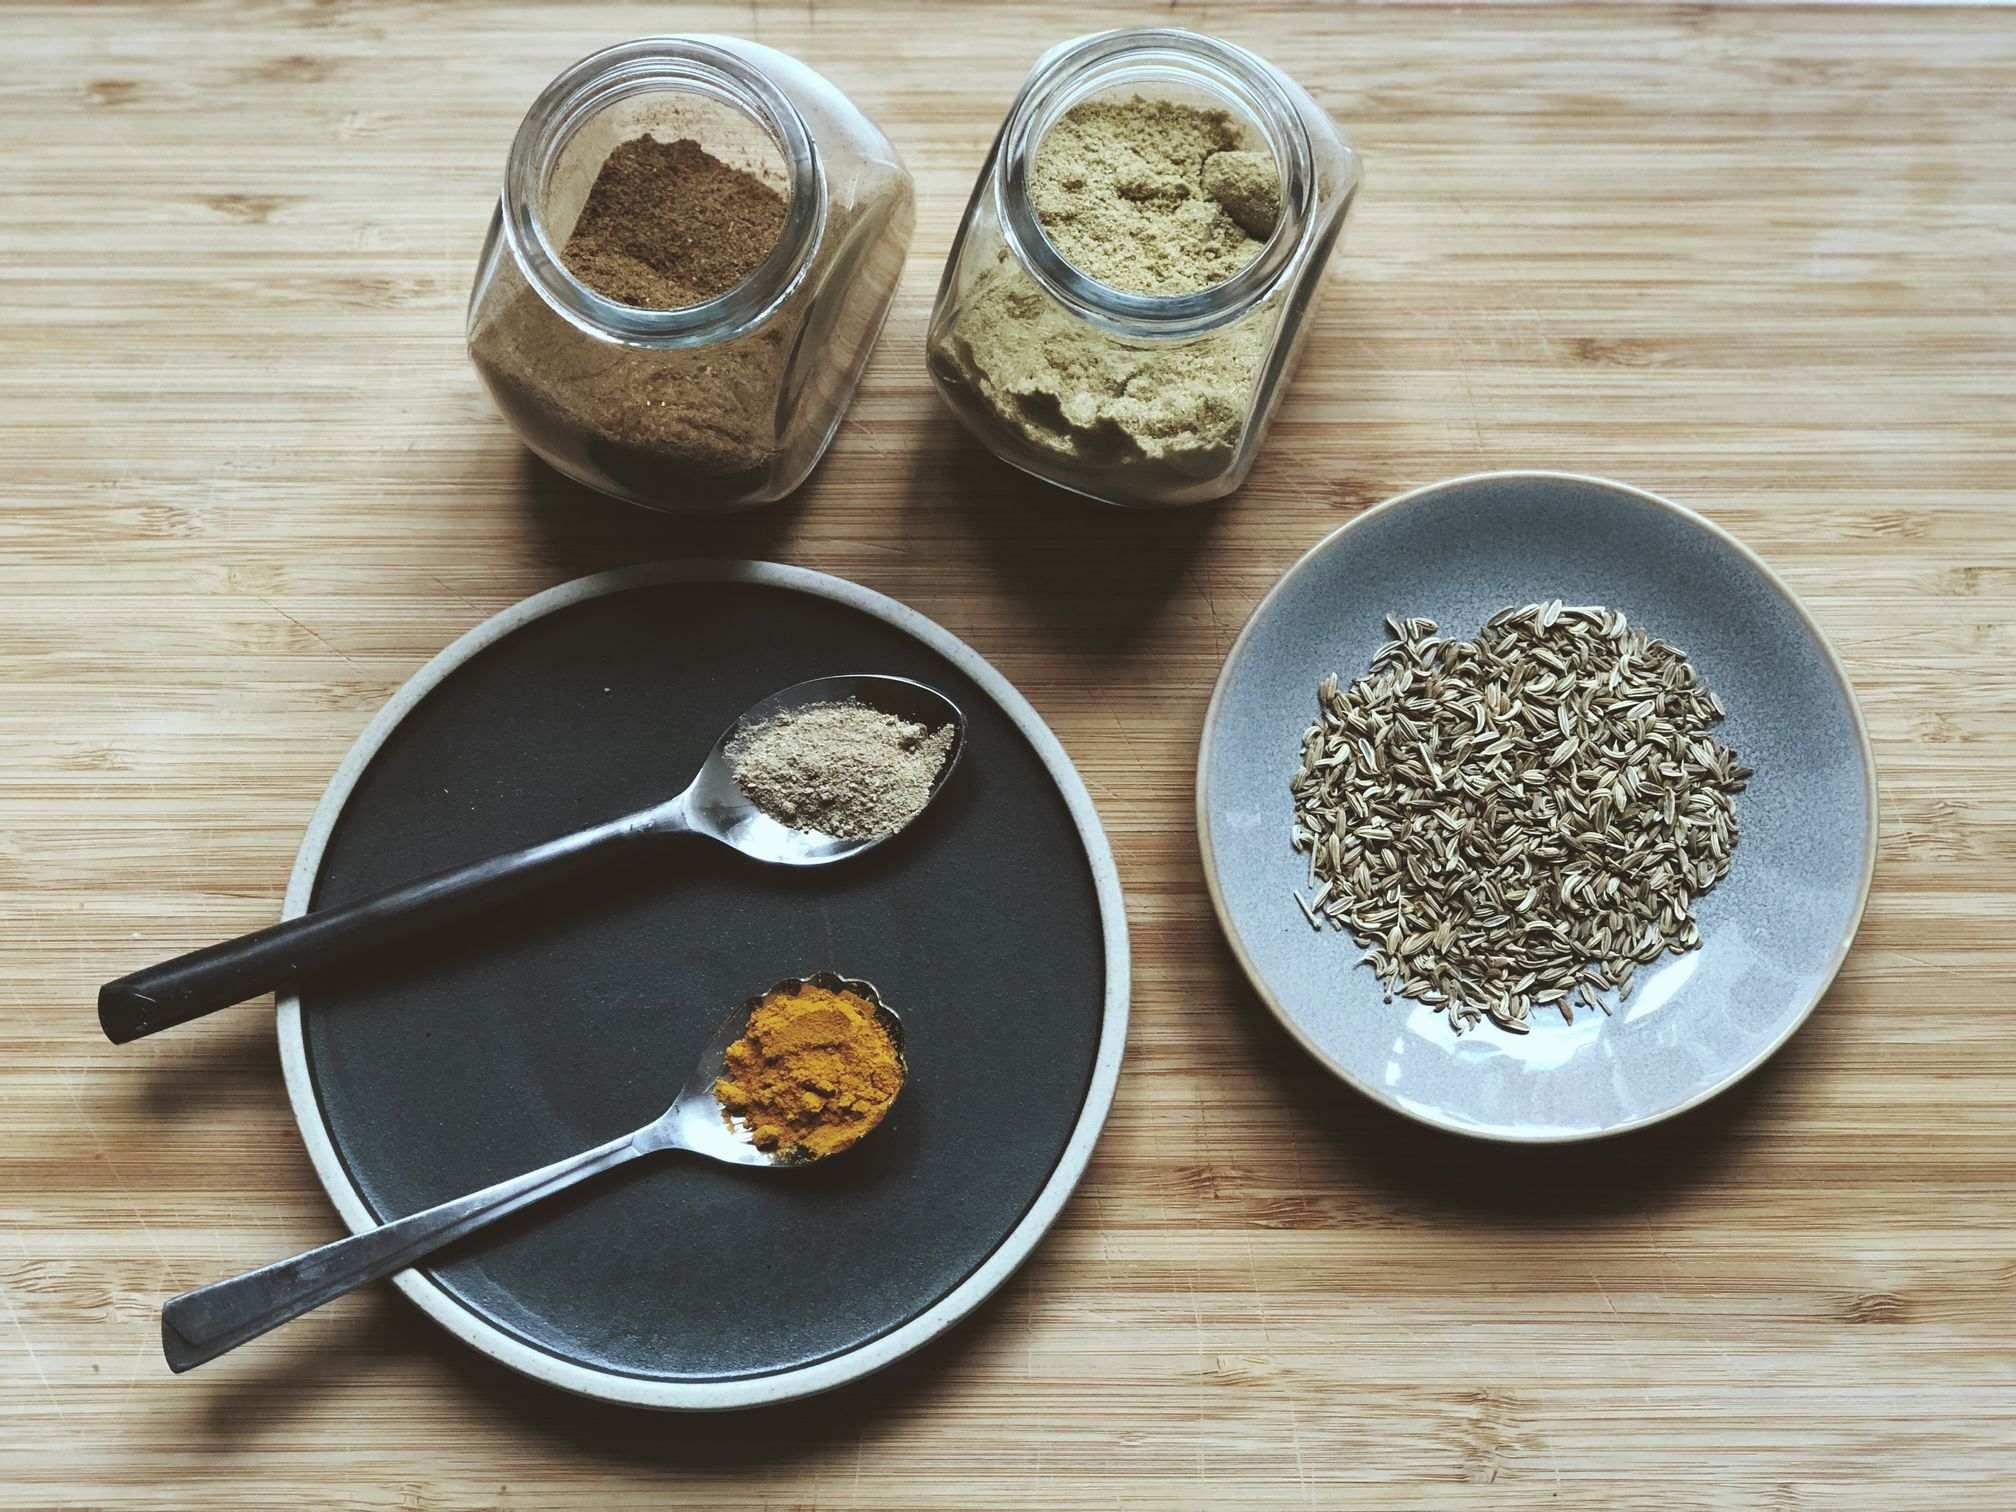 Ayurveda-Essen-Ernährung-Gewürze-Gesundheit-Oh-Yes-Yoga